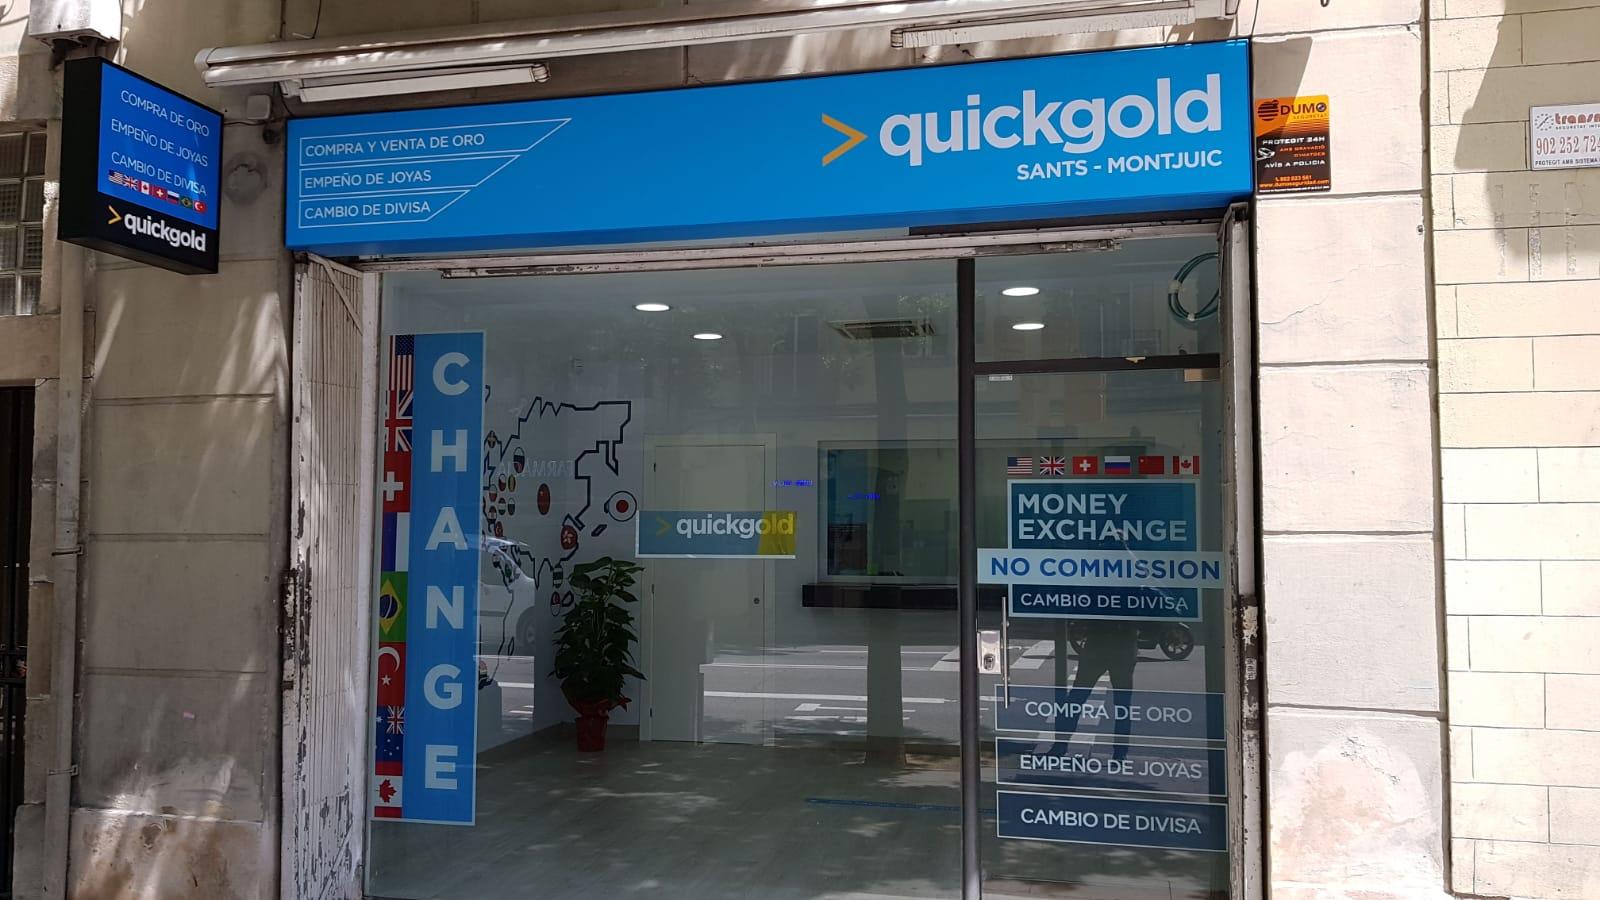 Tienda Quickgold Sants Montjuic en Barcelona